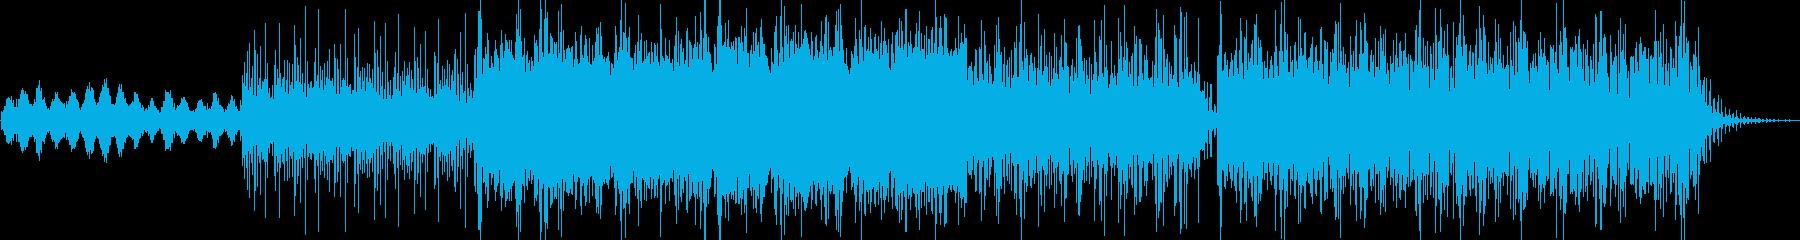 幻想的エレクトロニカの再生済みの波形